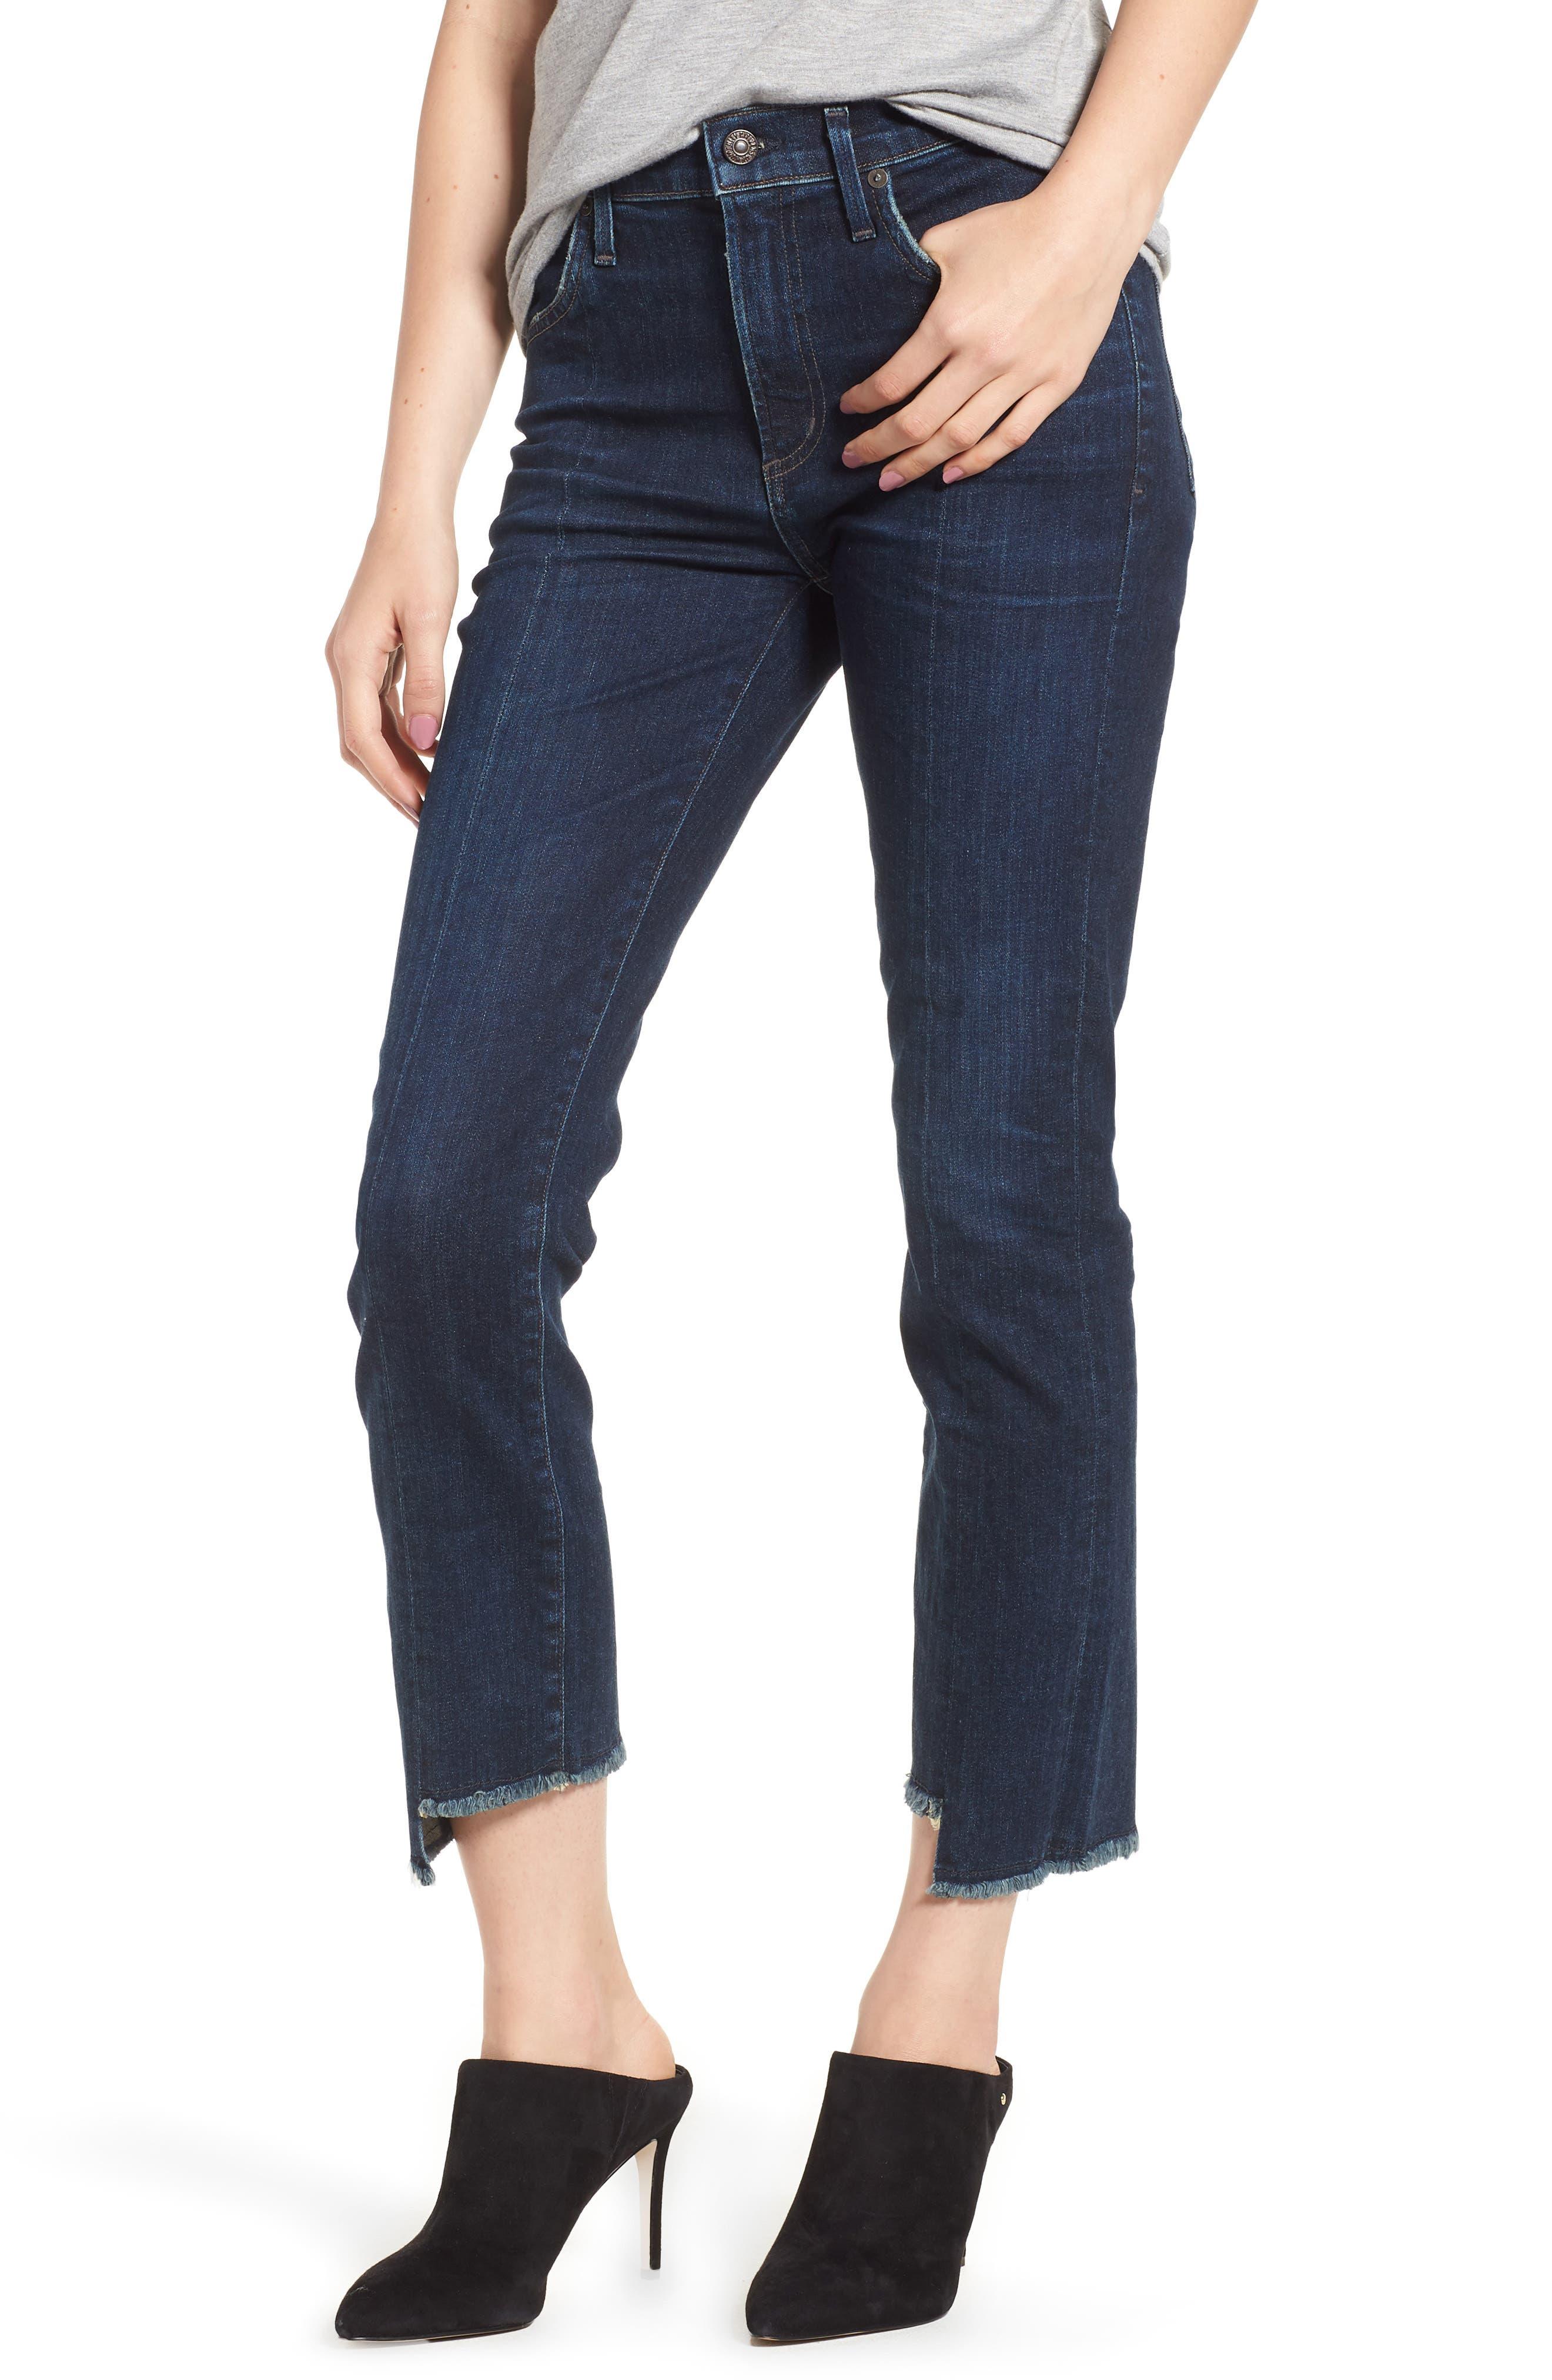 Amari Ankle Skinny Jeans,                             Main thumbnail 1, color,                             Maya